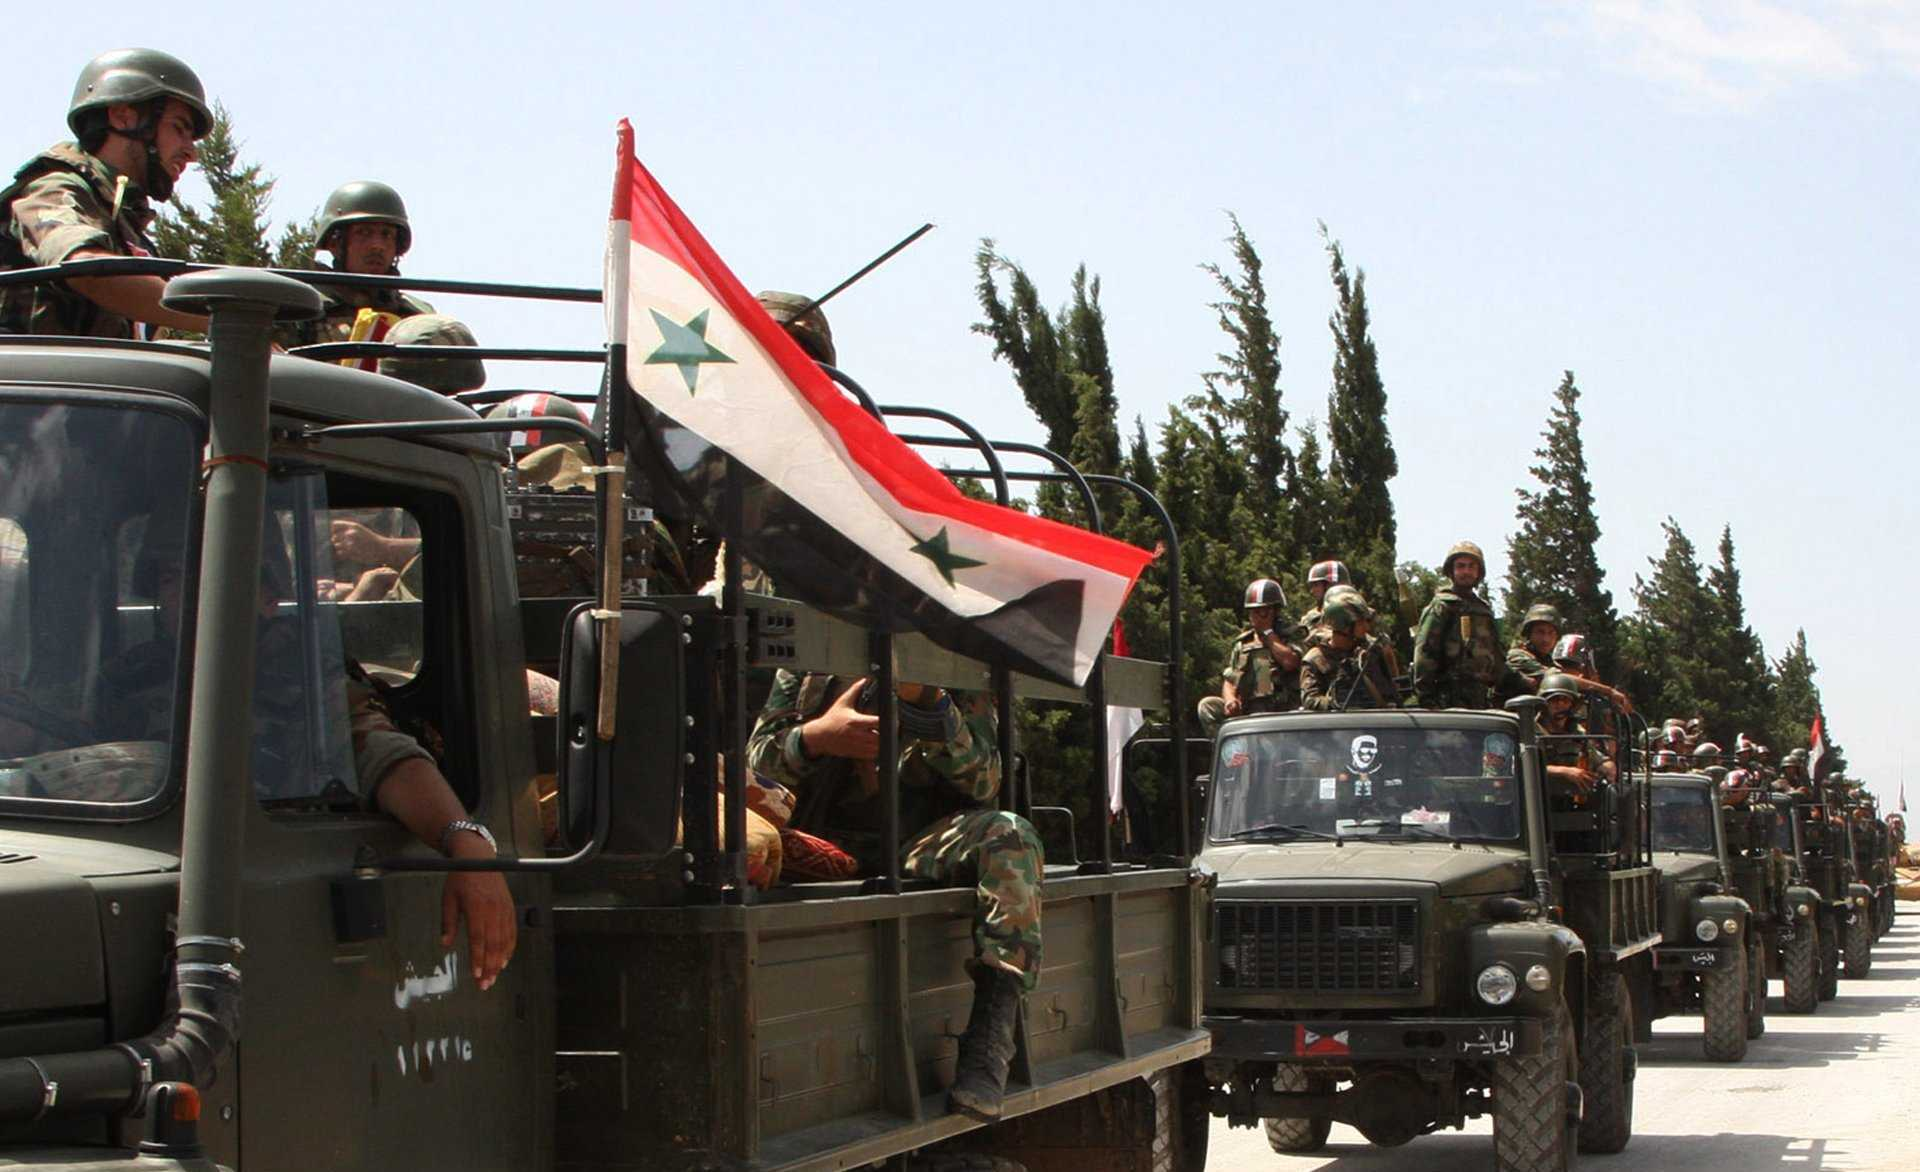 الجيش السوري يعلن وقف القتال في درعا لمدة 48 ساعة دعما للمصالحة